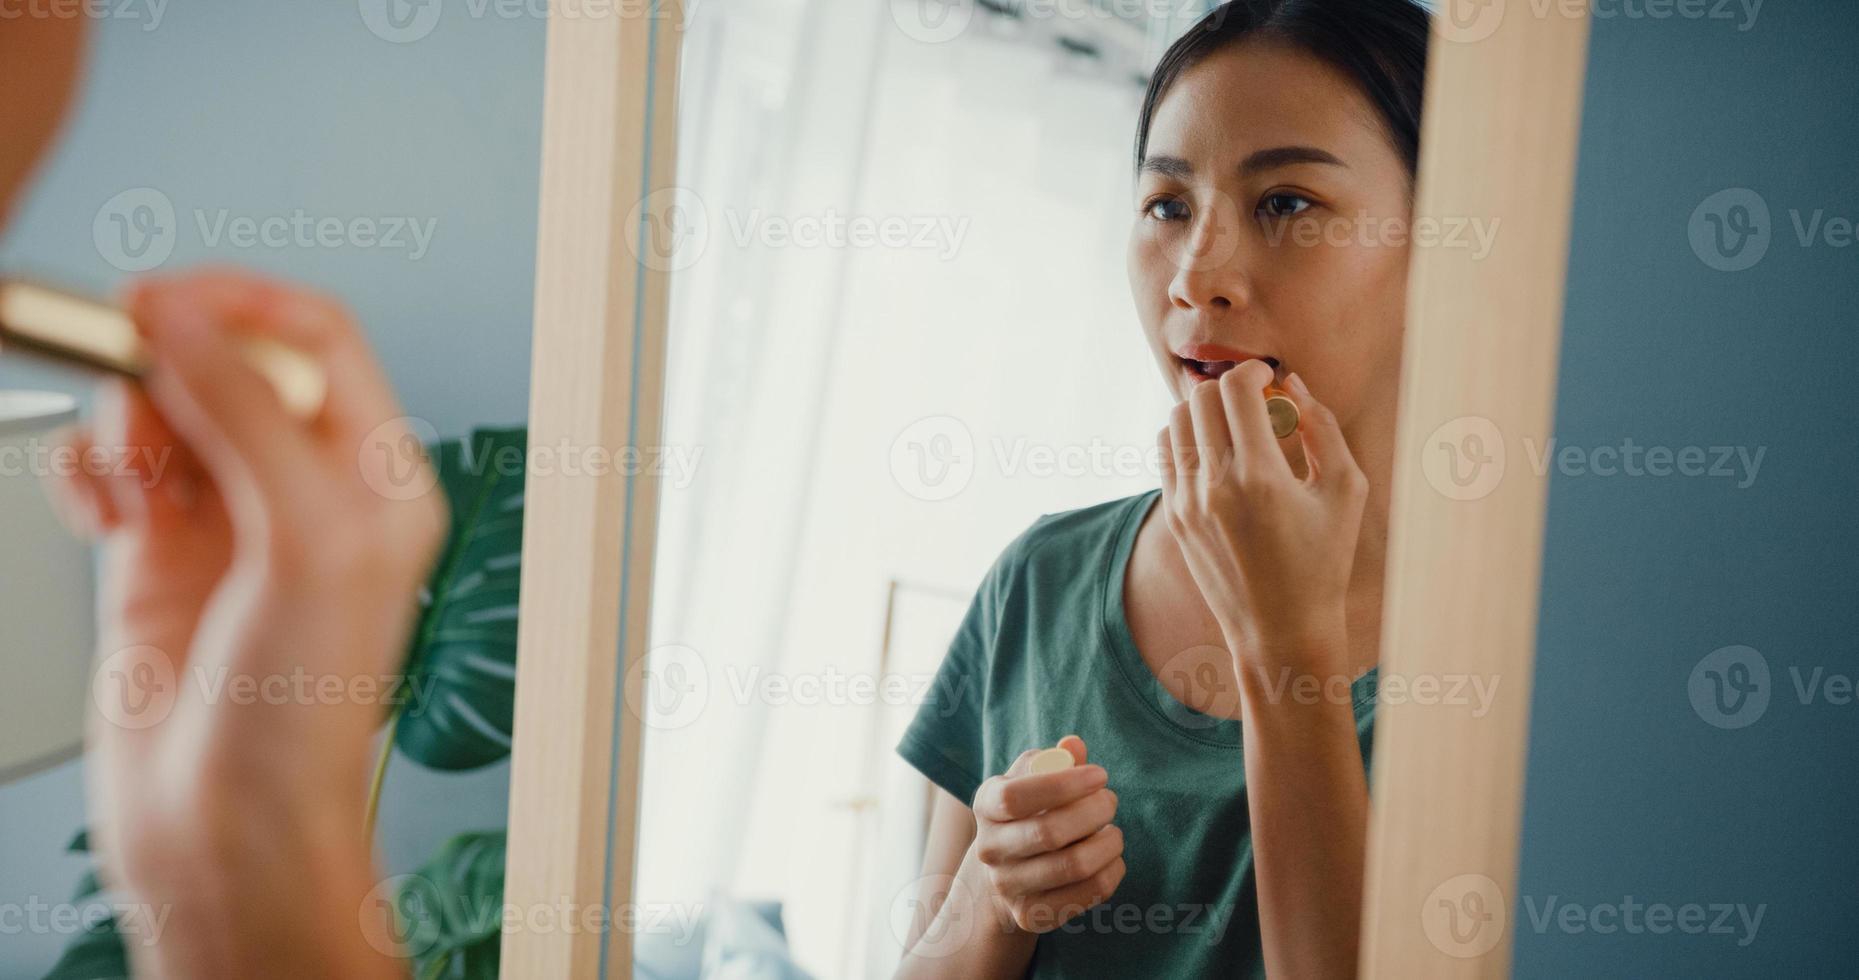 vacker asiatisk dam med avslappnad trasa satte läppstift på läpparna framför spegeln i sovrummet hemma på morgonen innan de gick ut utanför. leende ung kvinna som sminkar sig och tittar på spegeln. foto